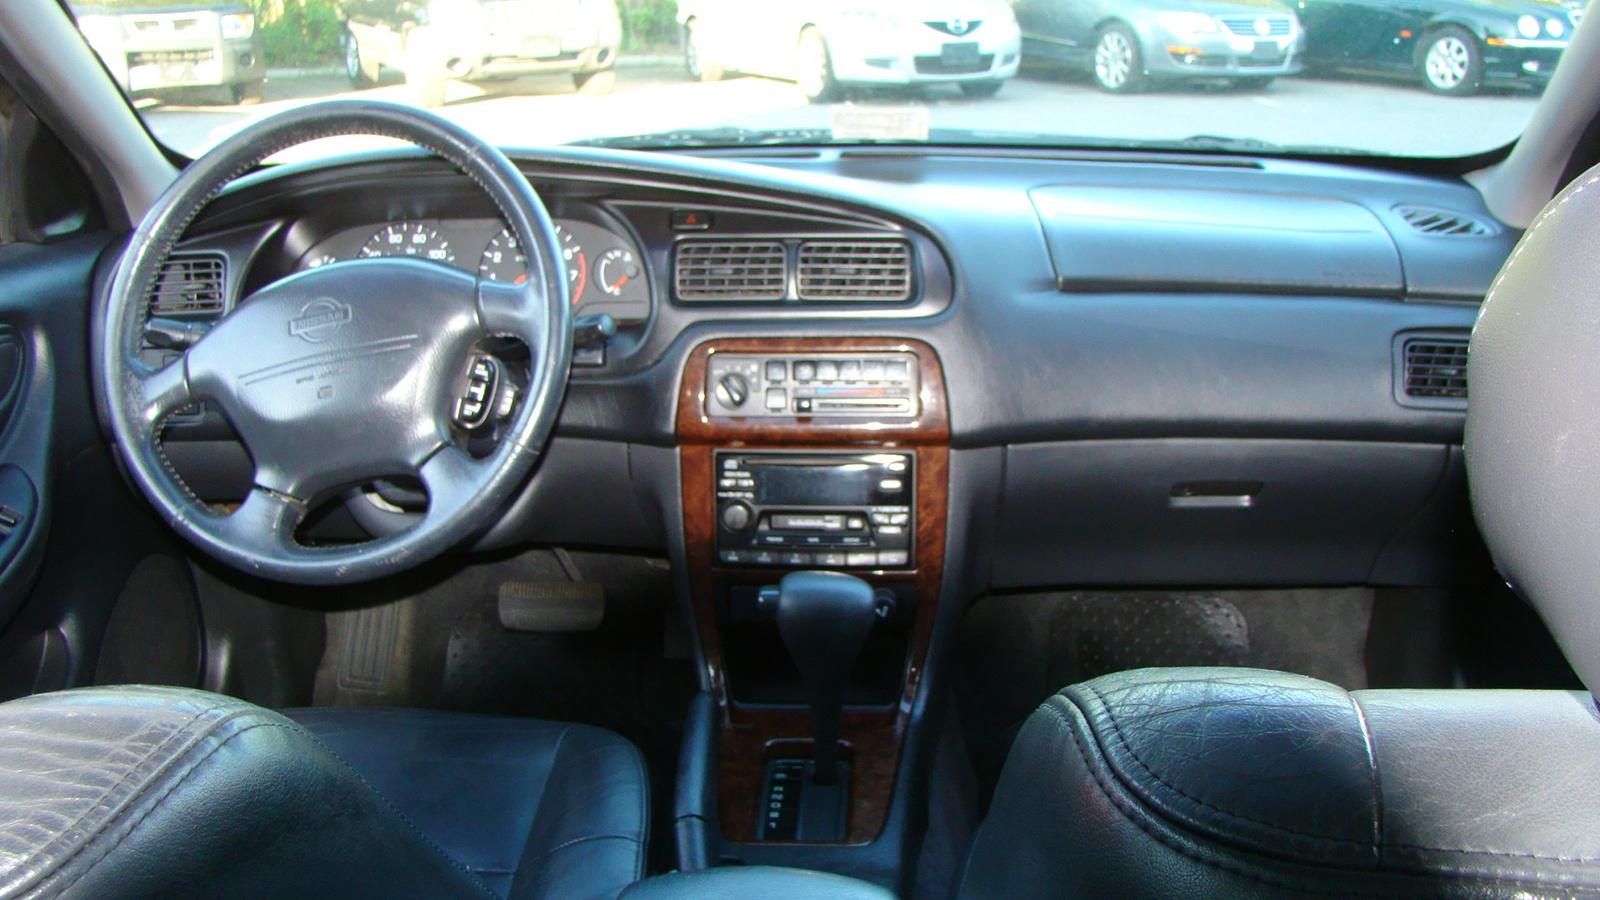 2000 Nissan Altima - Interior Pictures - CarGurus